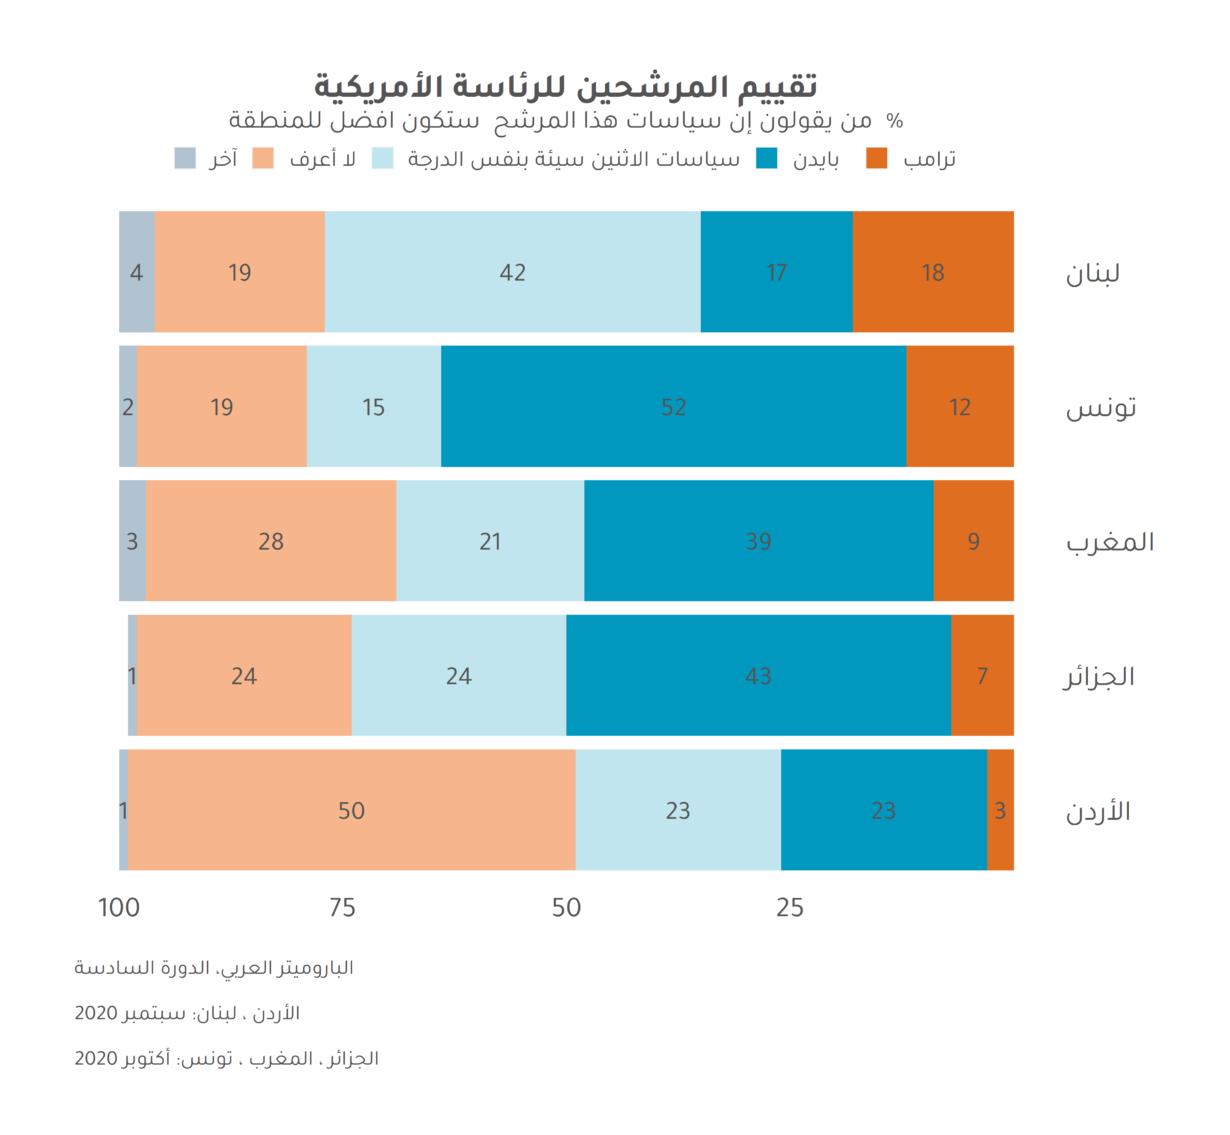 العرب لا يؤيدون انتصار ترامب في الانتخابات للمرة الثانية